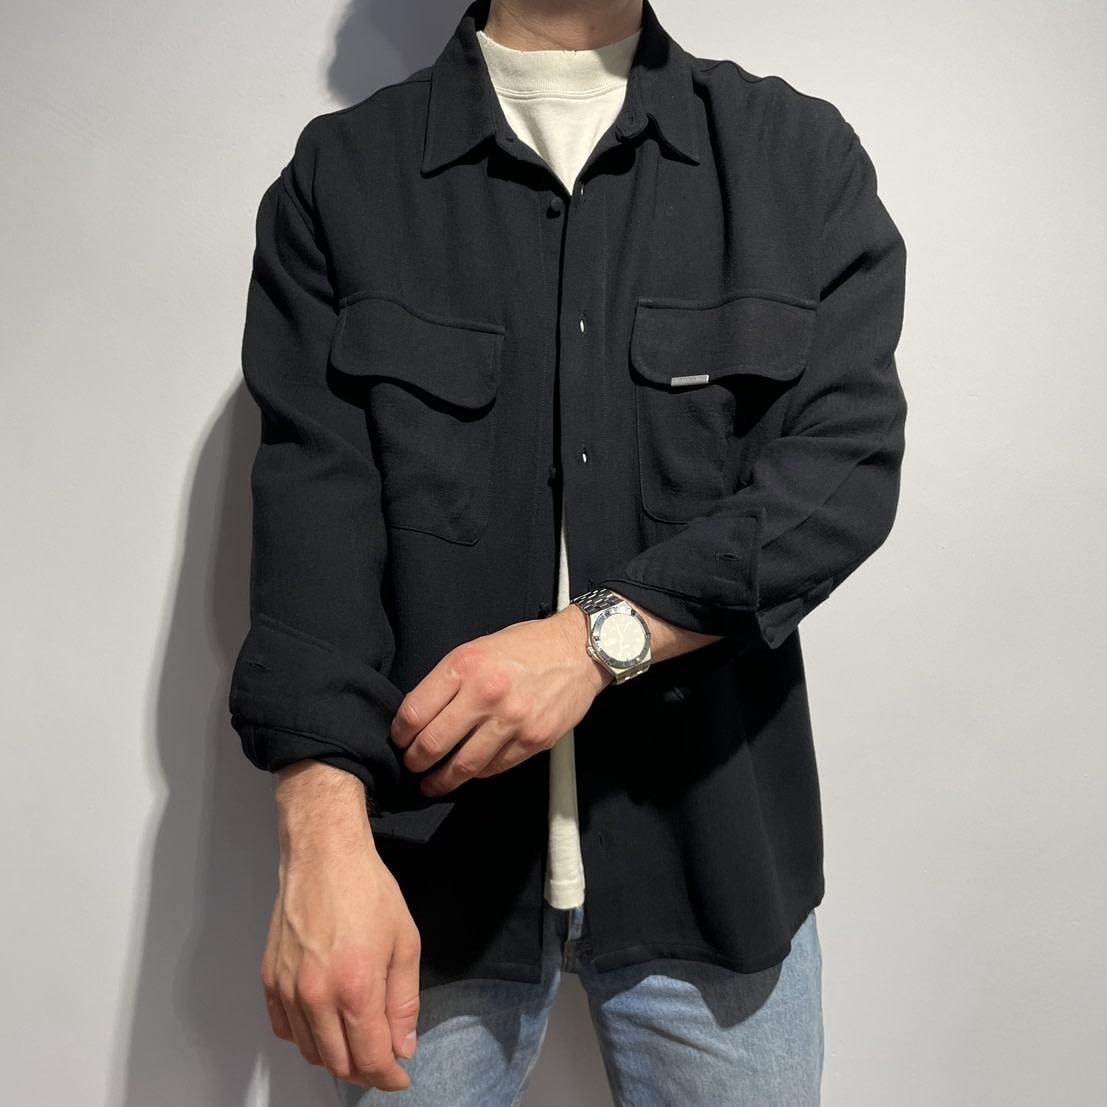 Overshirt - Black-1